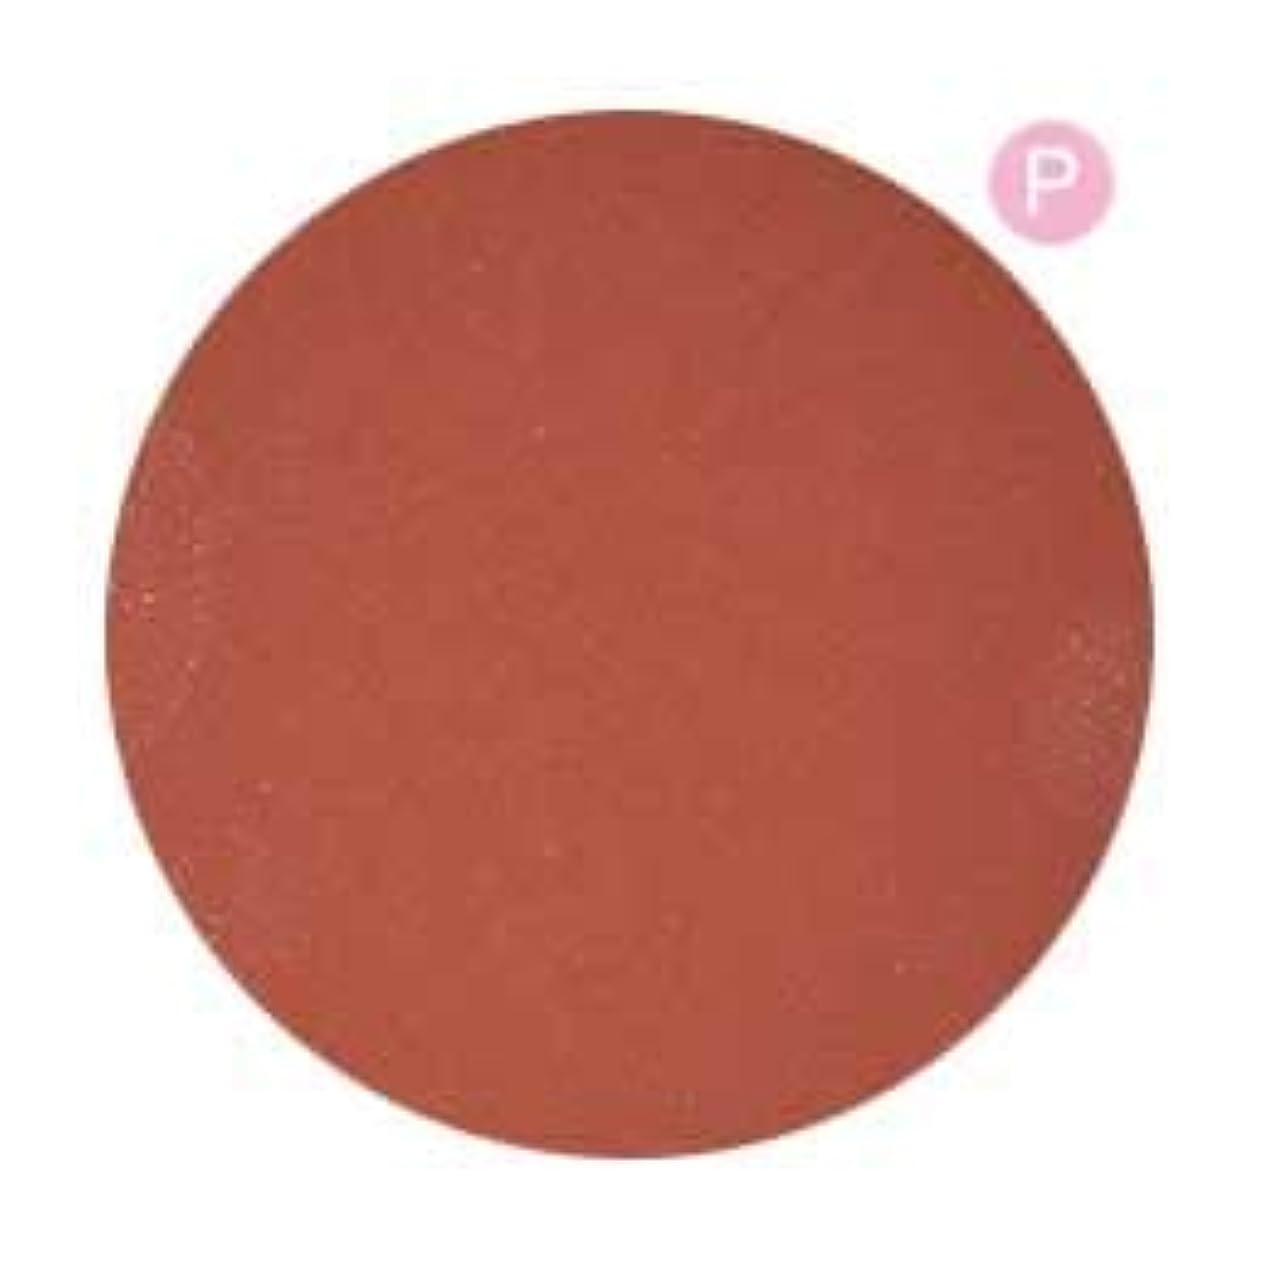 拍手するアジャ一掃するPRE GEL カラージェル カラーEX コーラルパールルージュ-P 3g PG-CE571 UV/LED対応